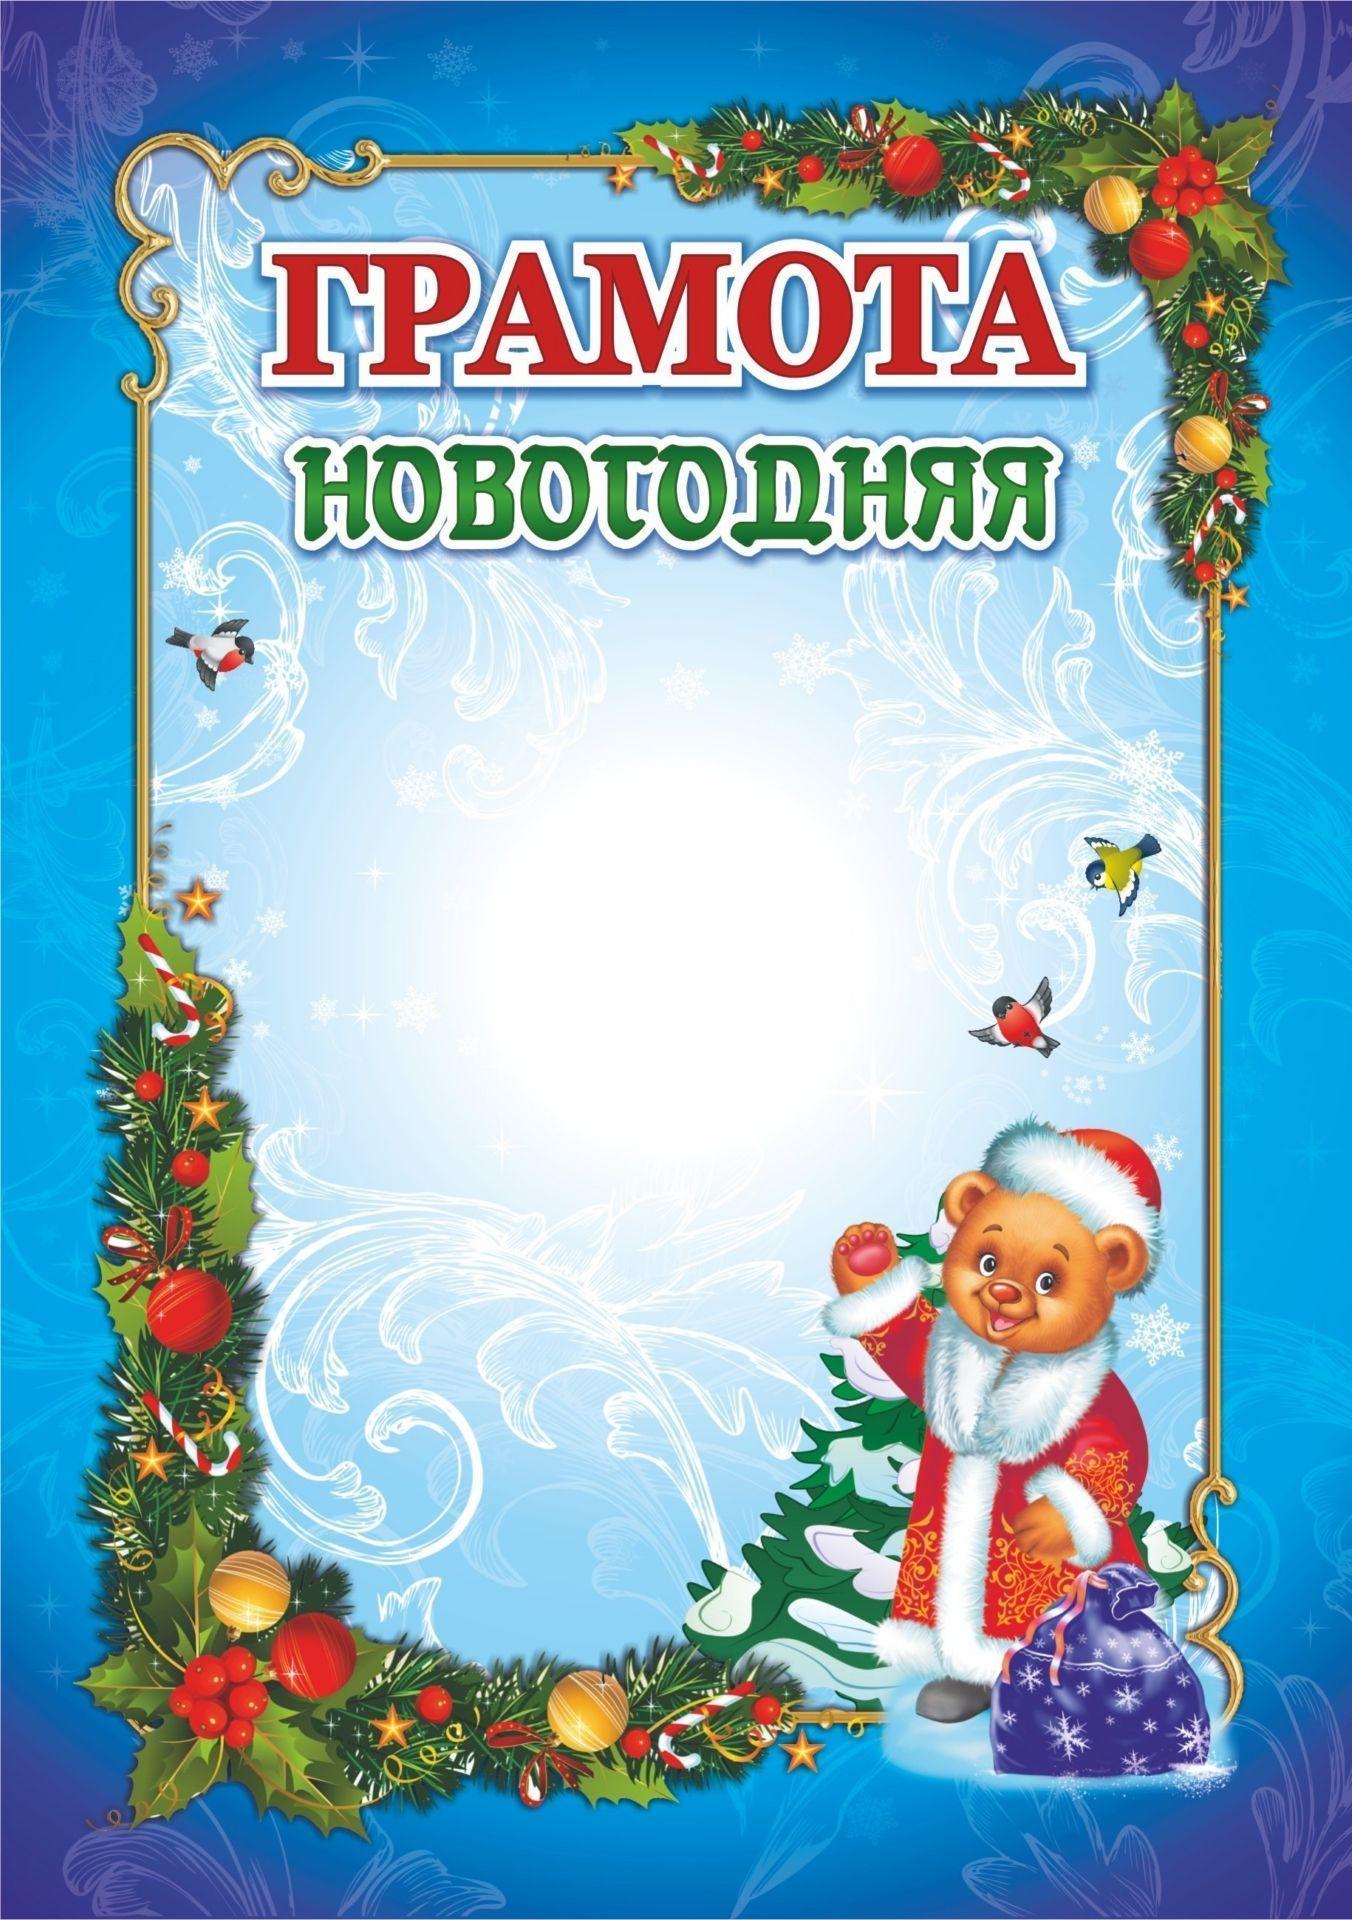 Грамота новогодняя (с Плюшиком, в образе Деда Мороза): Формат А5К праздникам и мероприятиям<br>Материалы:иллюстрации - бумага мелованная, пл. 250.00.<br><br>Год: 2017<br>Высота: 210<br>Ширина: 148